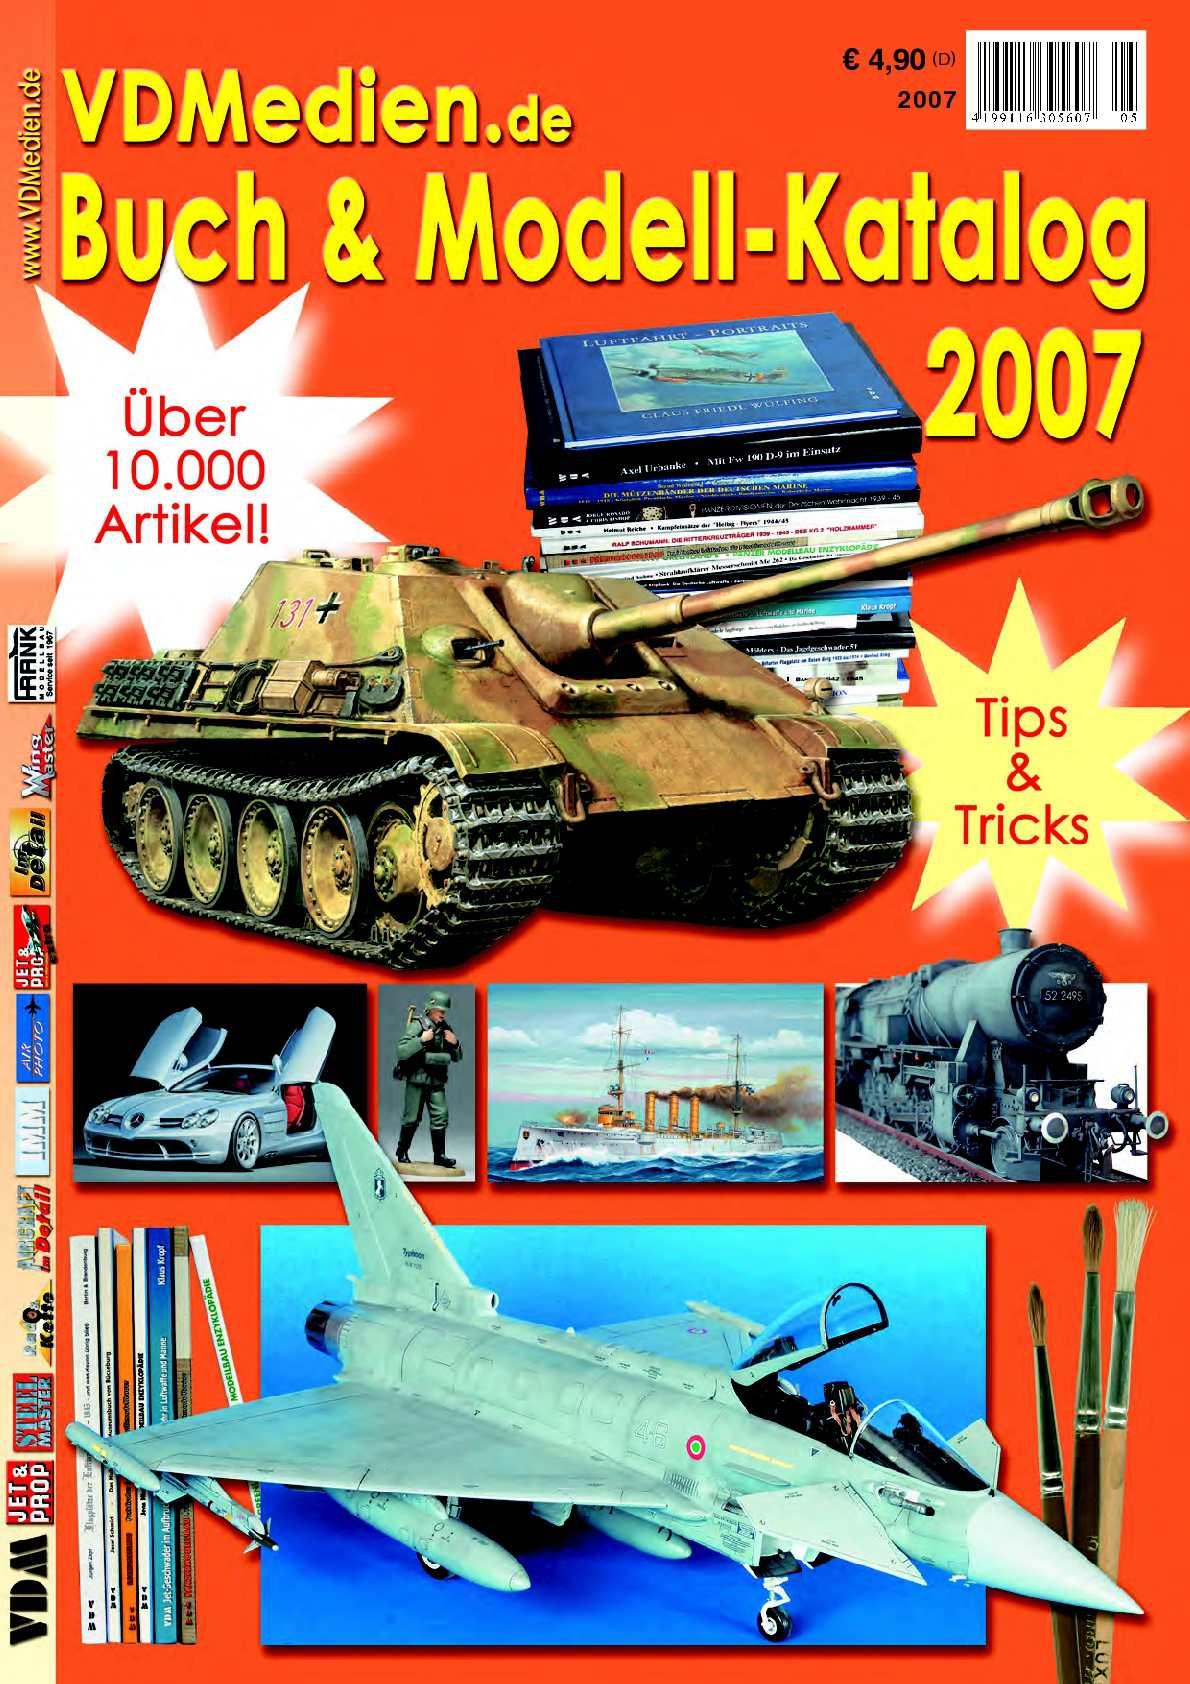 Hot Wheels 2007 Neu Modelle Flugzeug Bedrohung 4.0 Waren Des TäGlichen Bedarfs Modellbau Auto- & Verkehrsmodelle